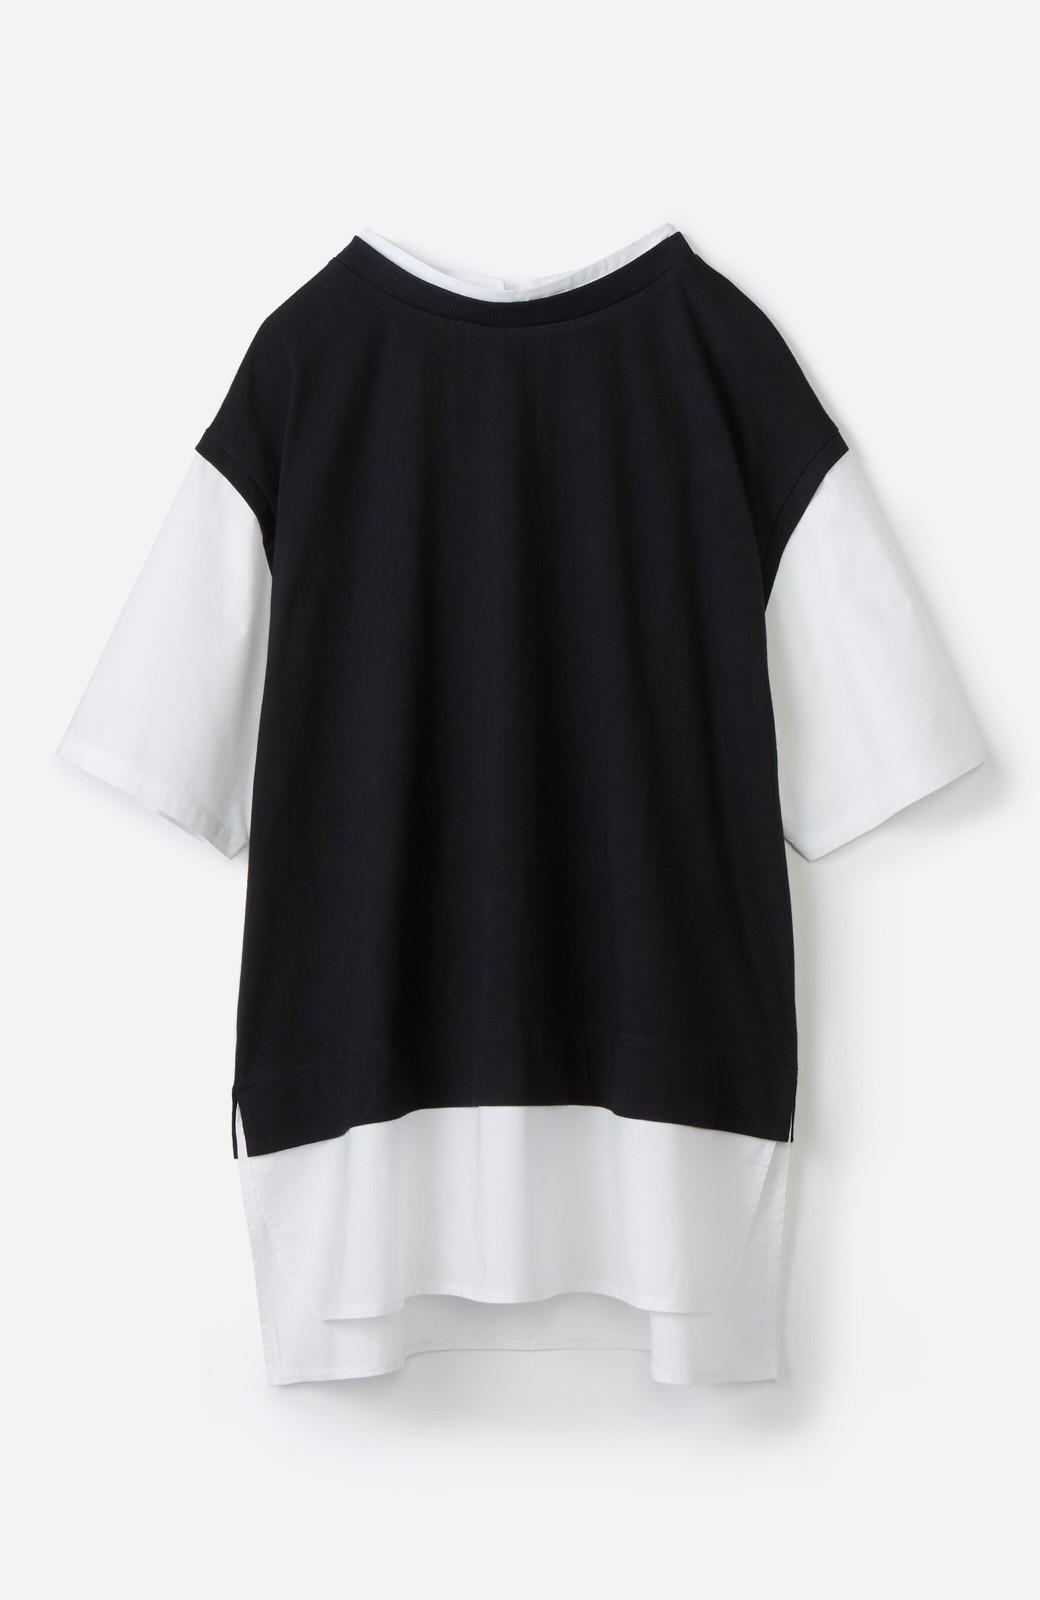 haco! こう見えて楽してます!1枚できっちり可愛いシャツ重ね着風トップス <ブラック>の商品写真20